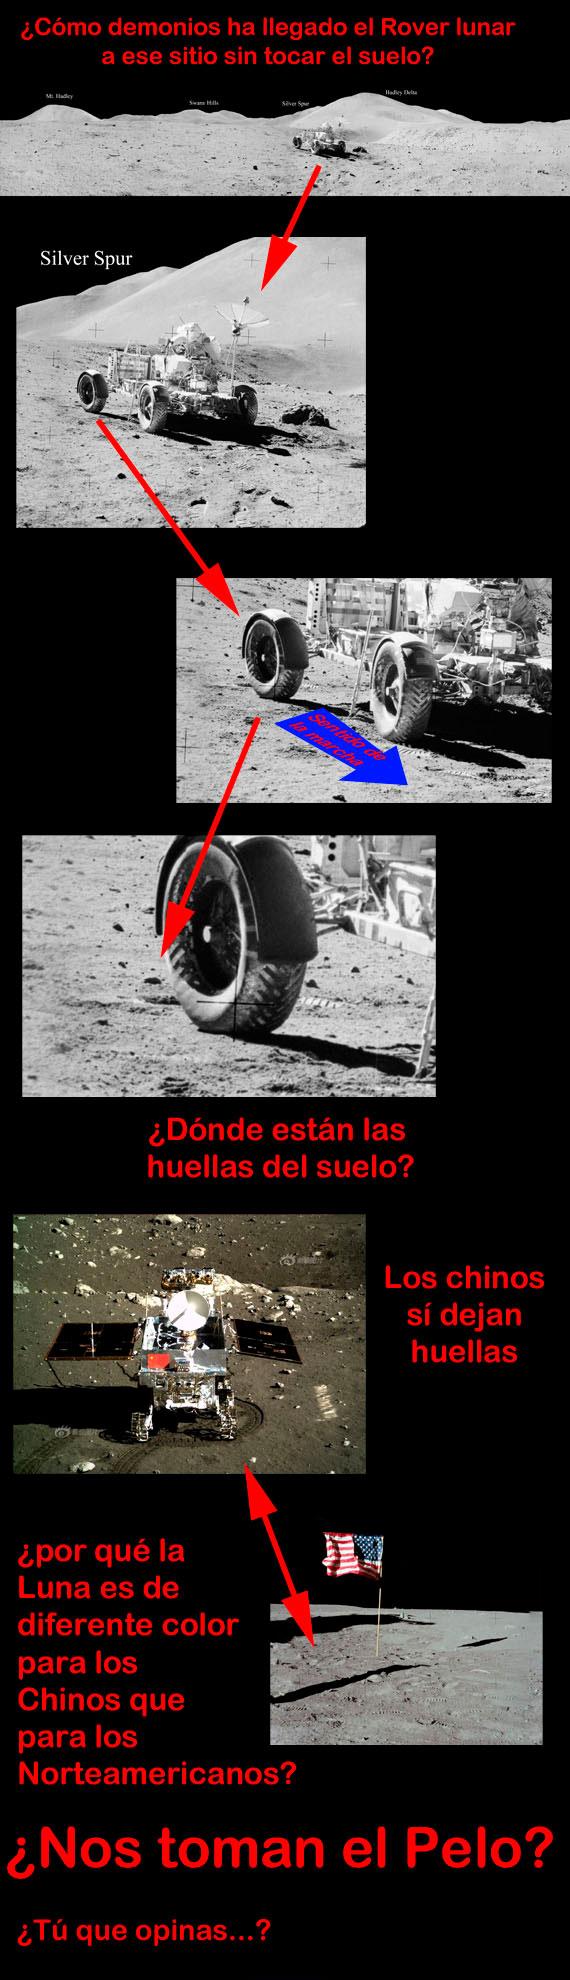 rover_apollos